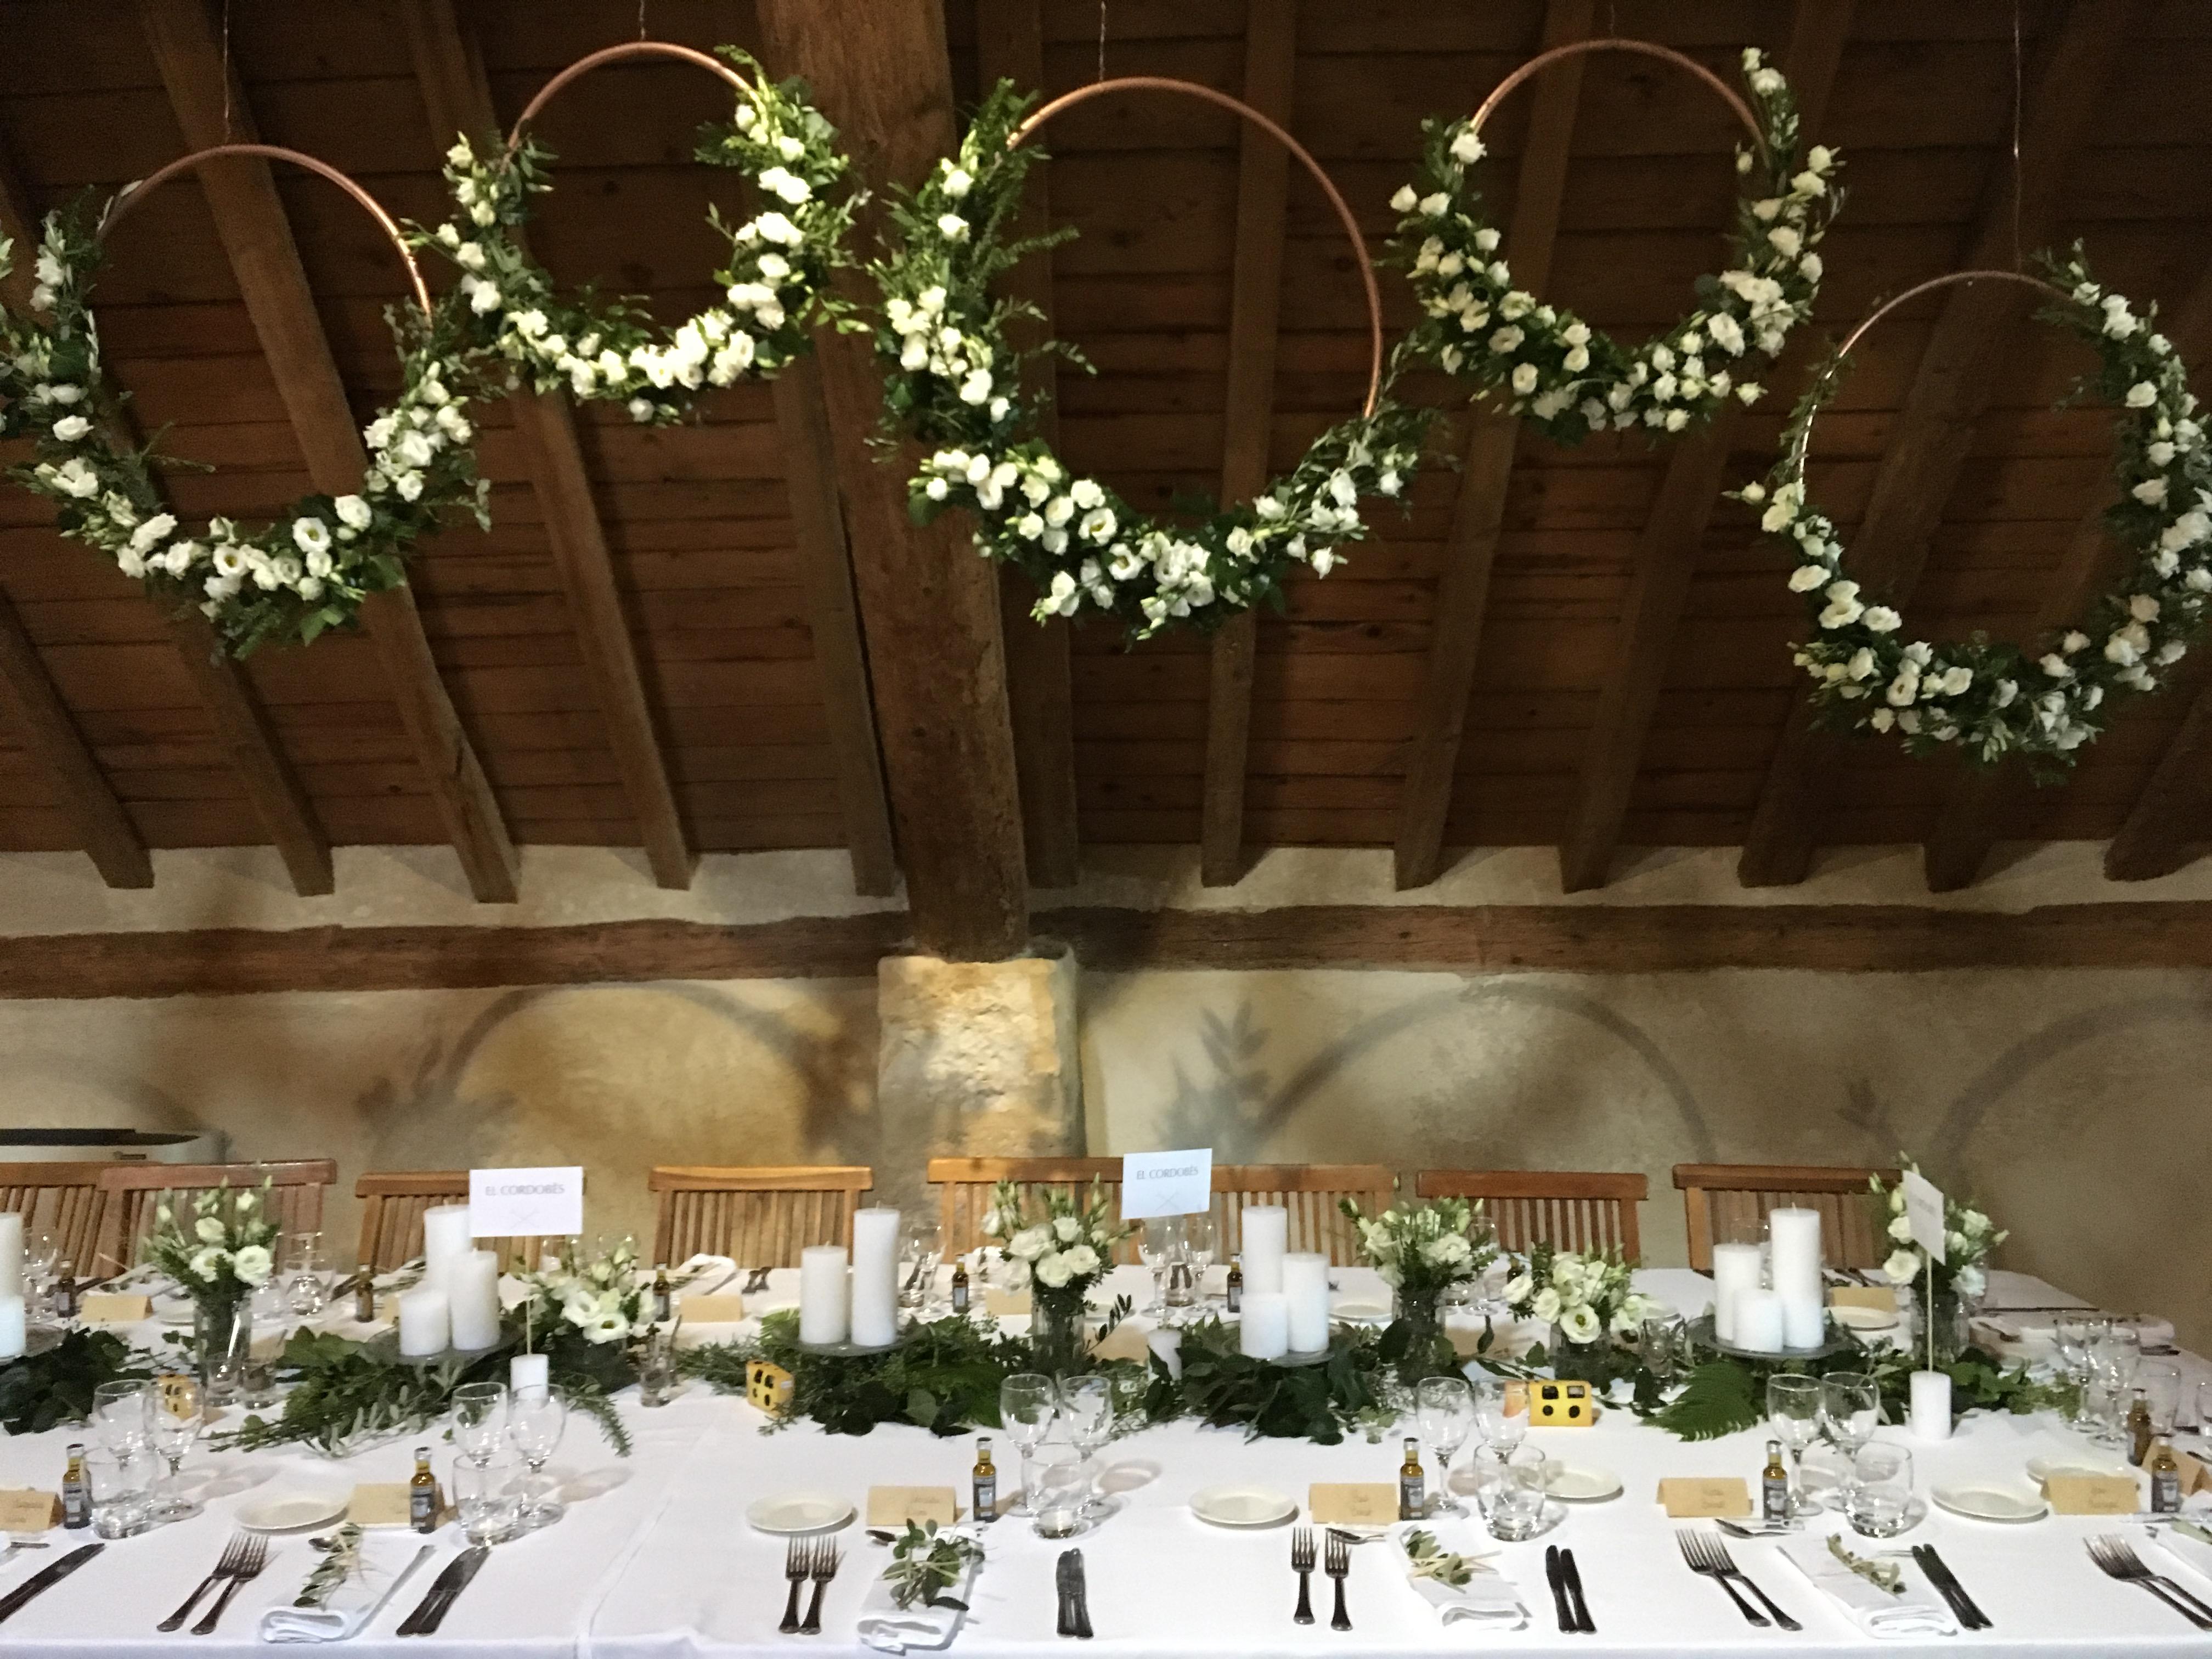 Décoration salle lisianthus Marlies Fleurs fleuriste Nimes